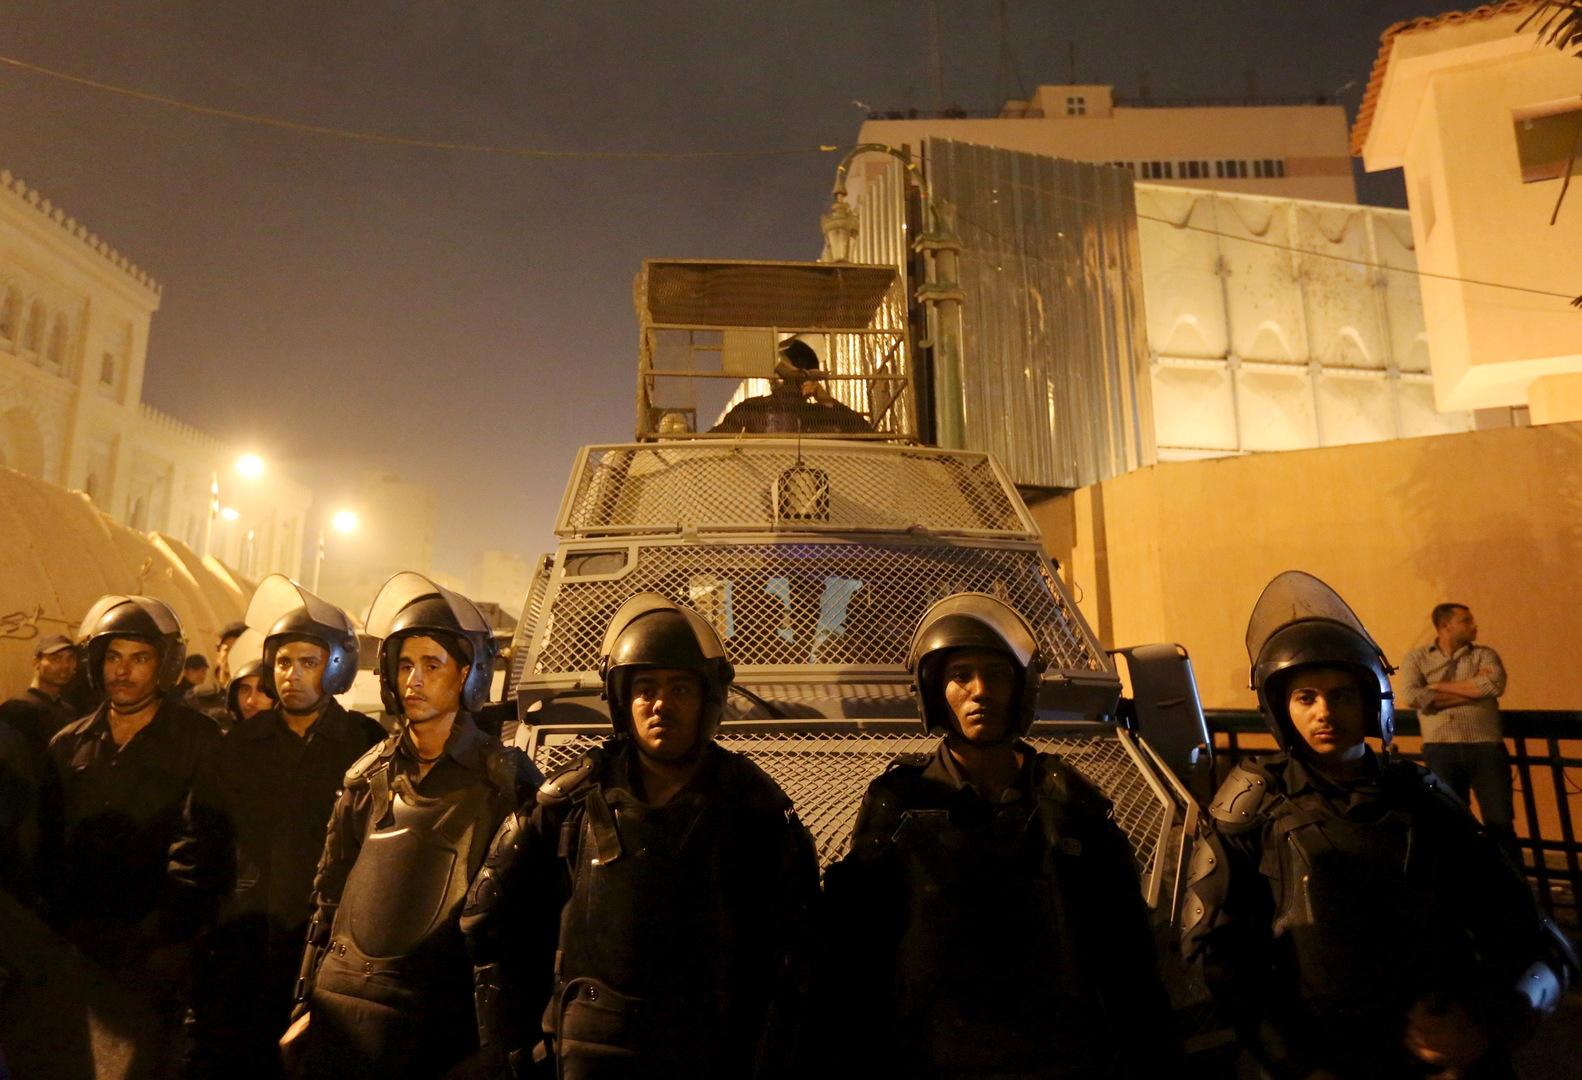 مصر.. هروب 3 متهمين محكوم عليهم بالإعدام من سطح سجن شديد الحراسة